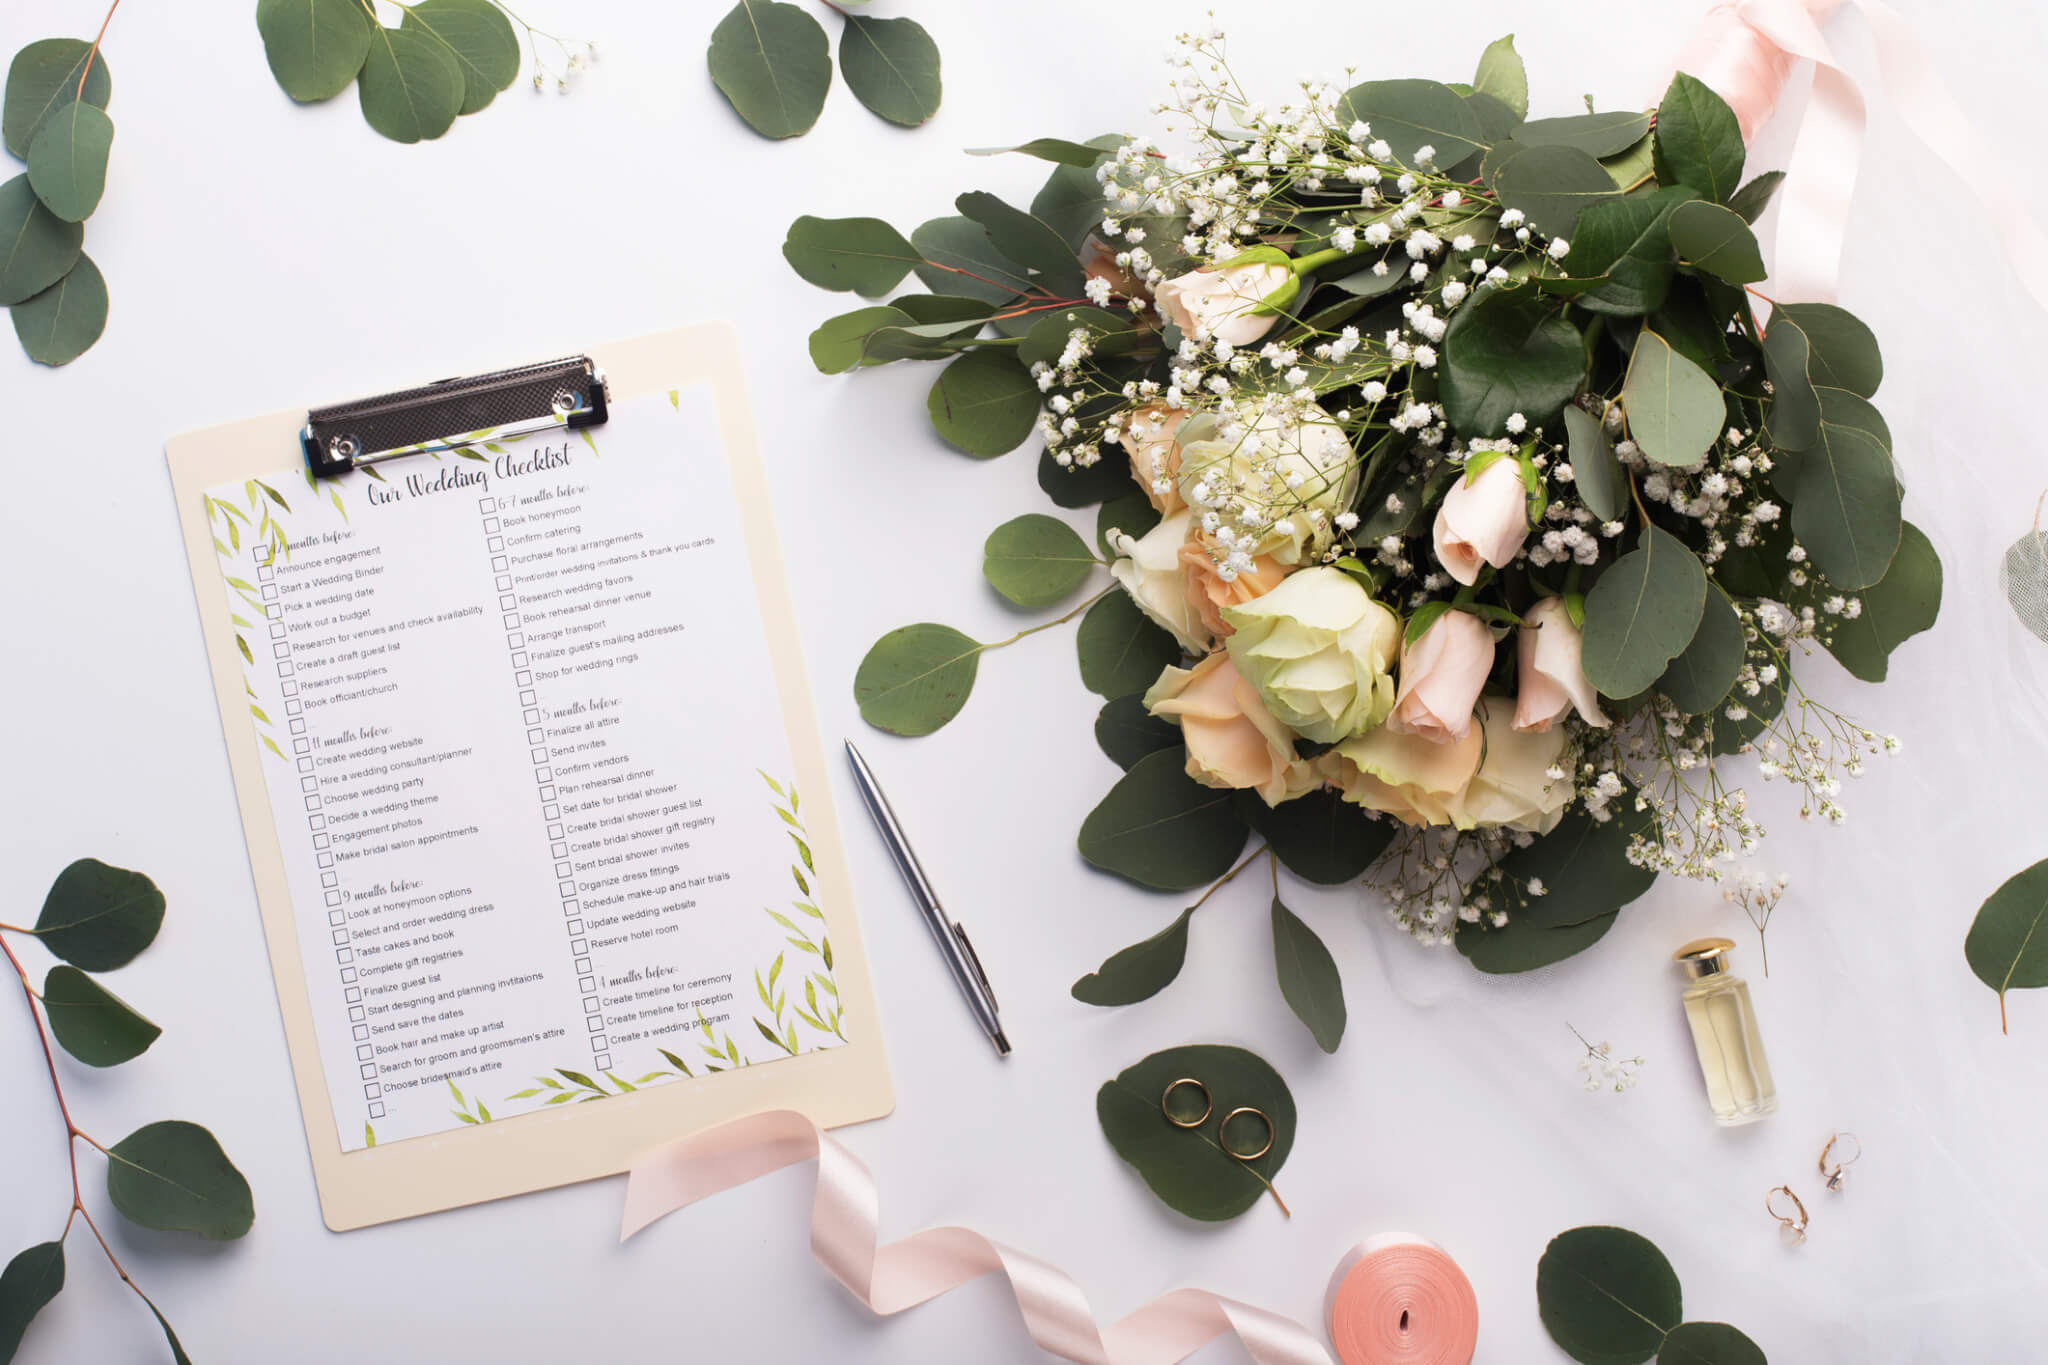 Wedding Checklist and Bouquet